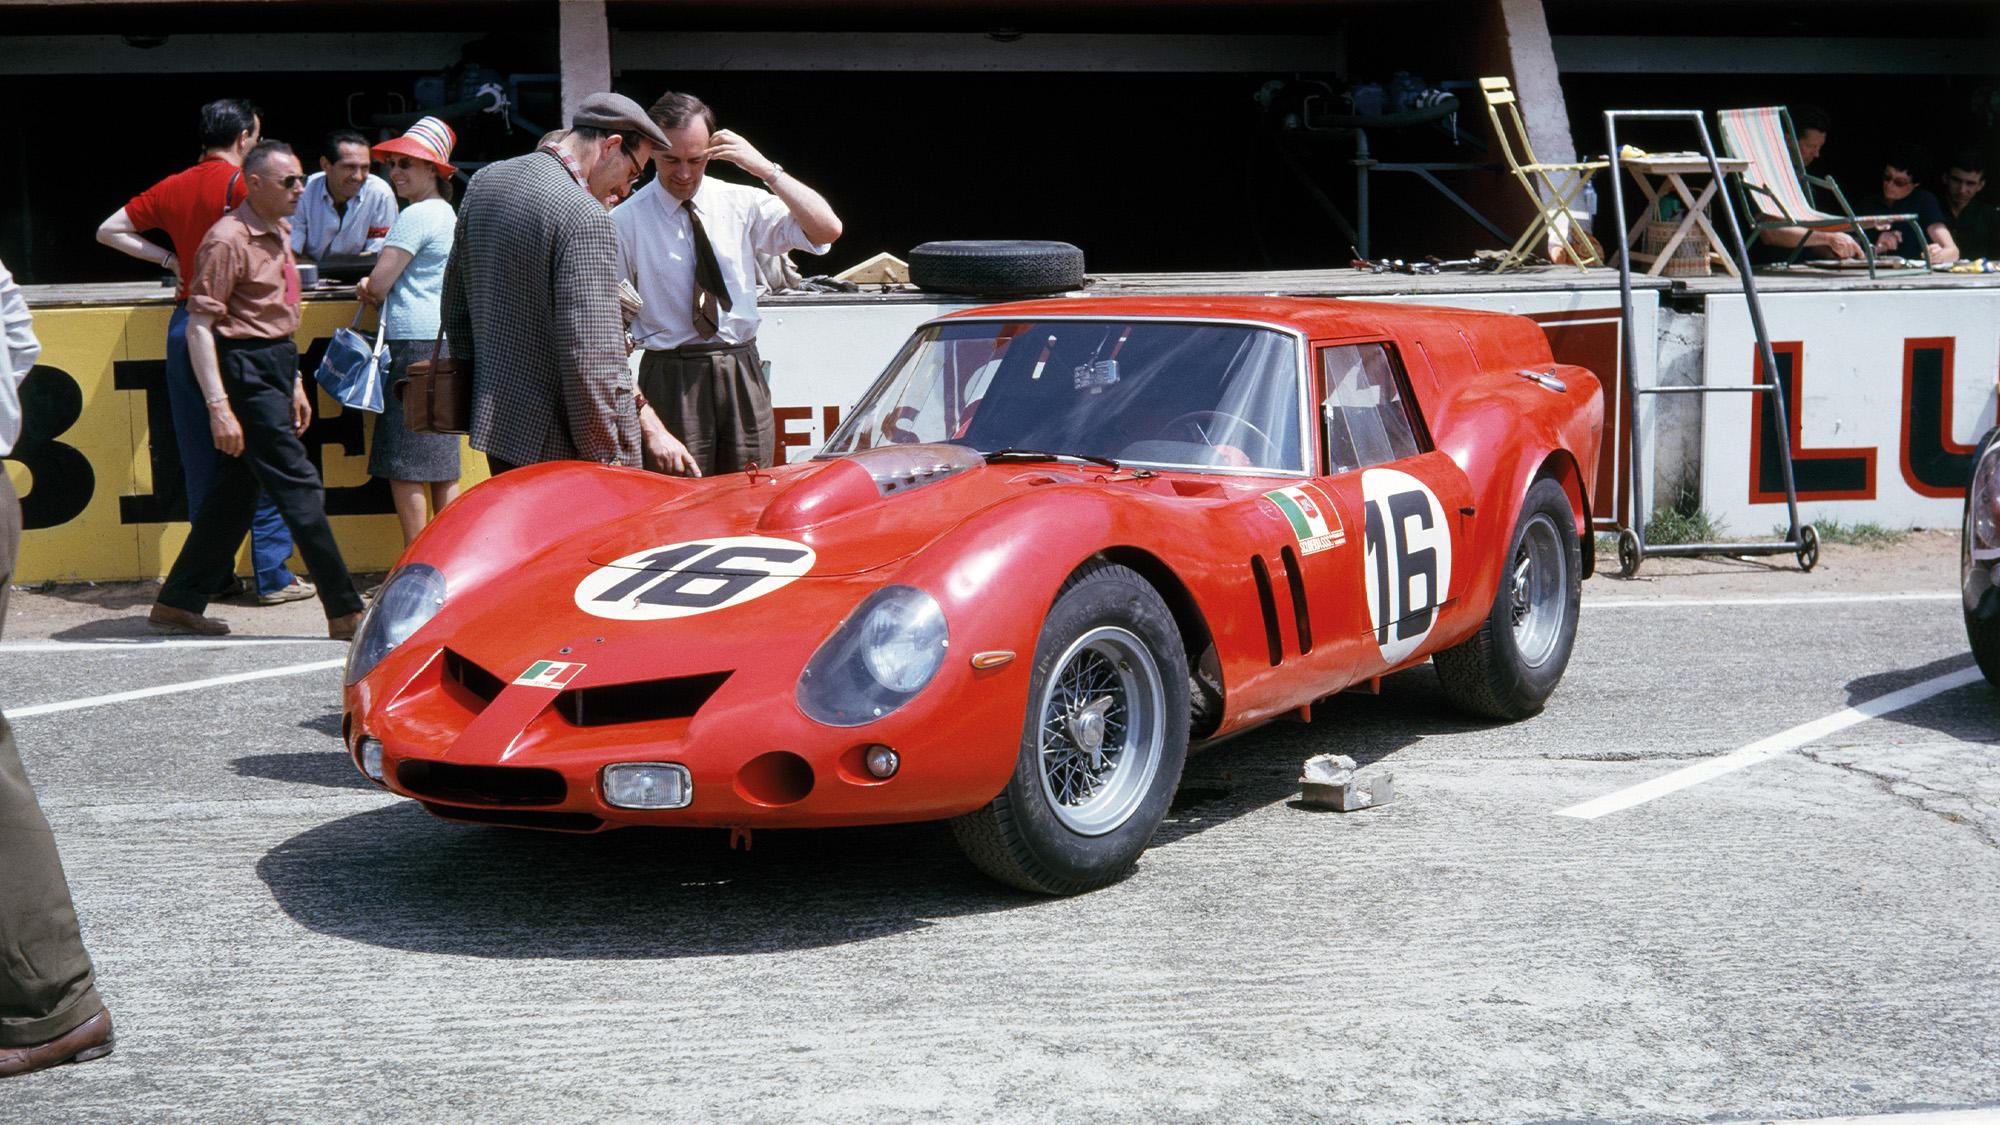 Ferrari 250 GTO breadvan at Le Mans in 1962